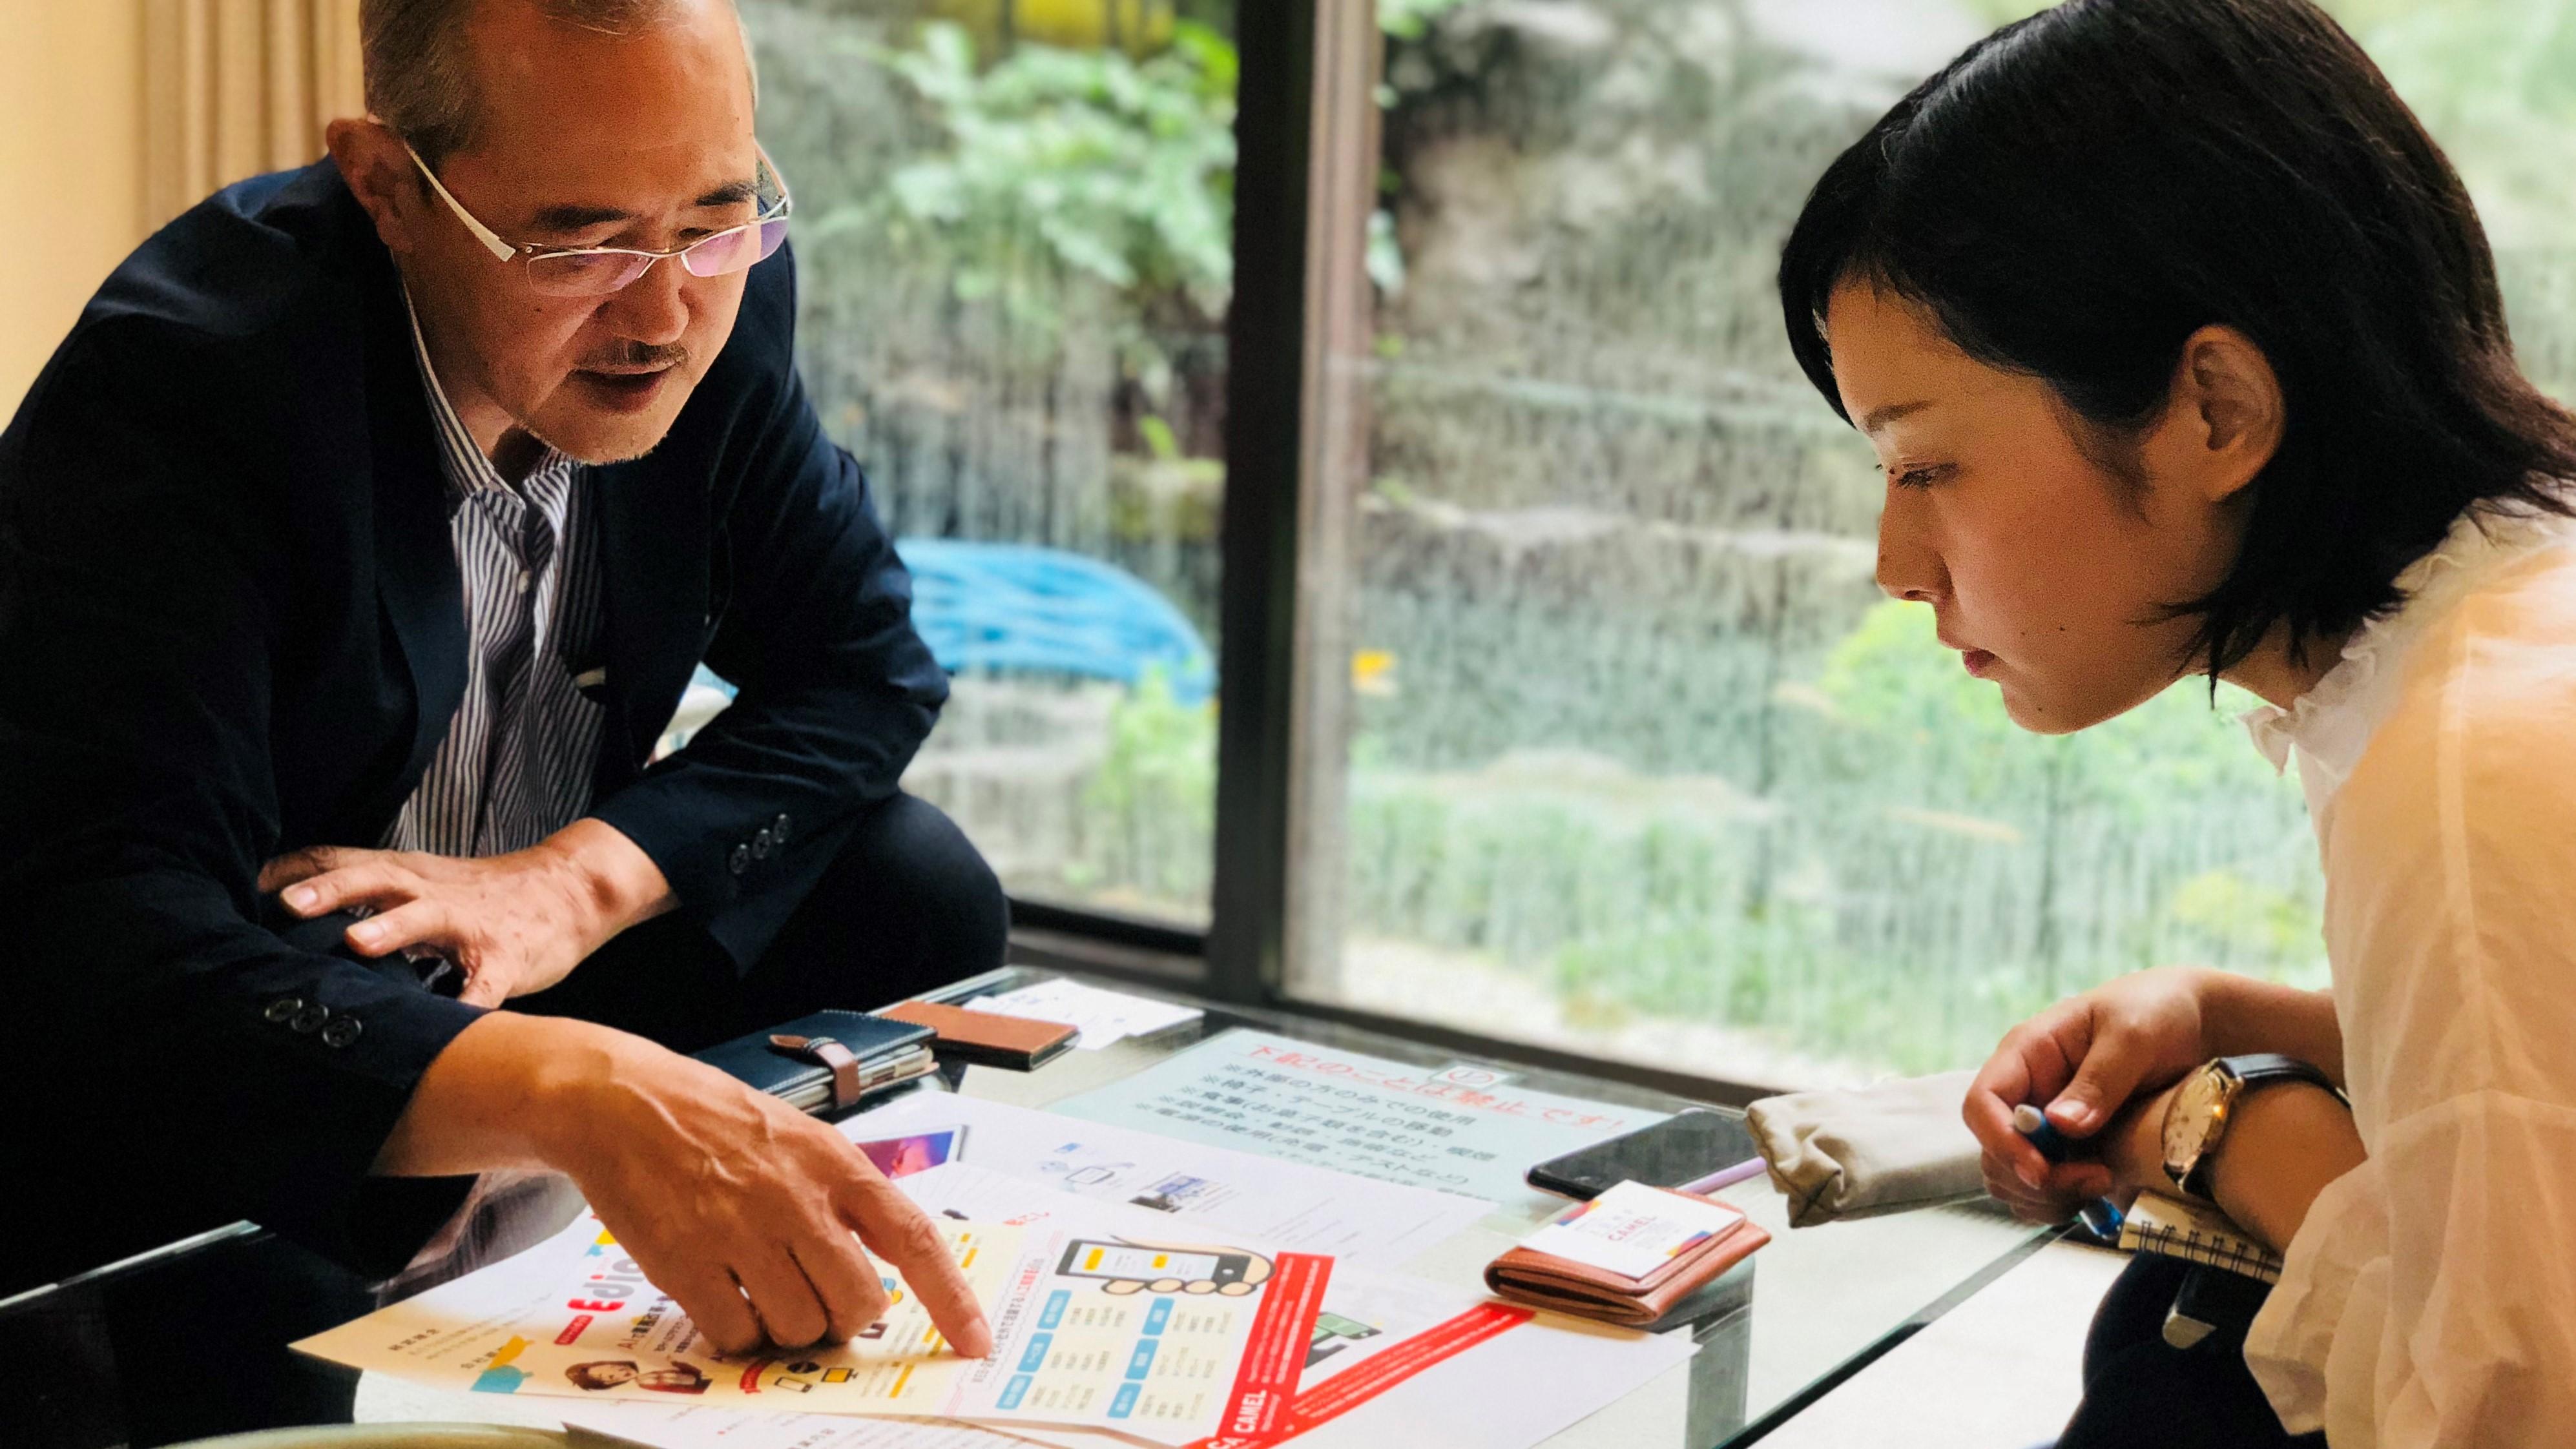 Ediaの資料を見ながら説明する太田さん